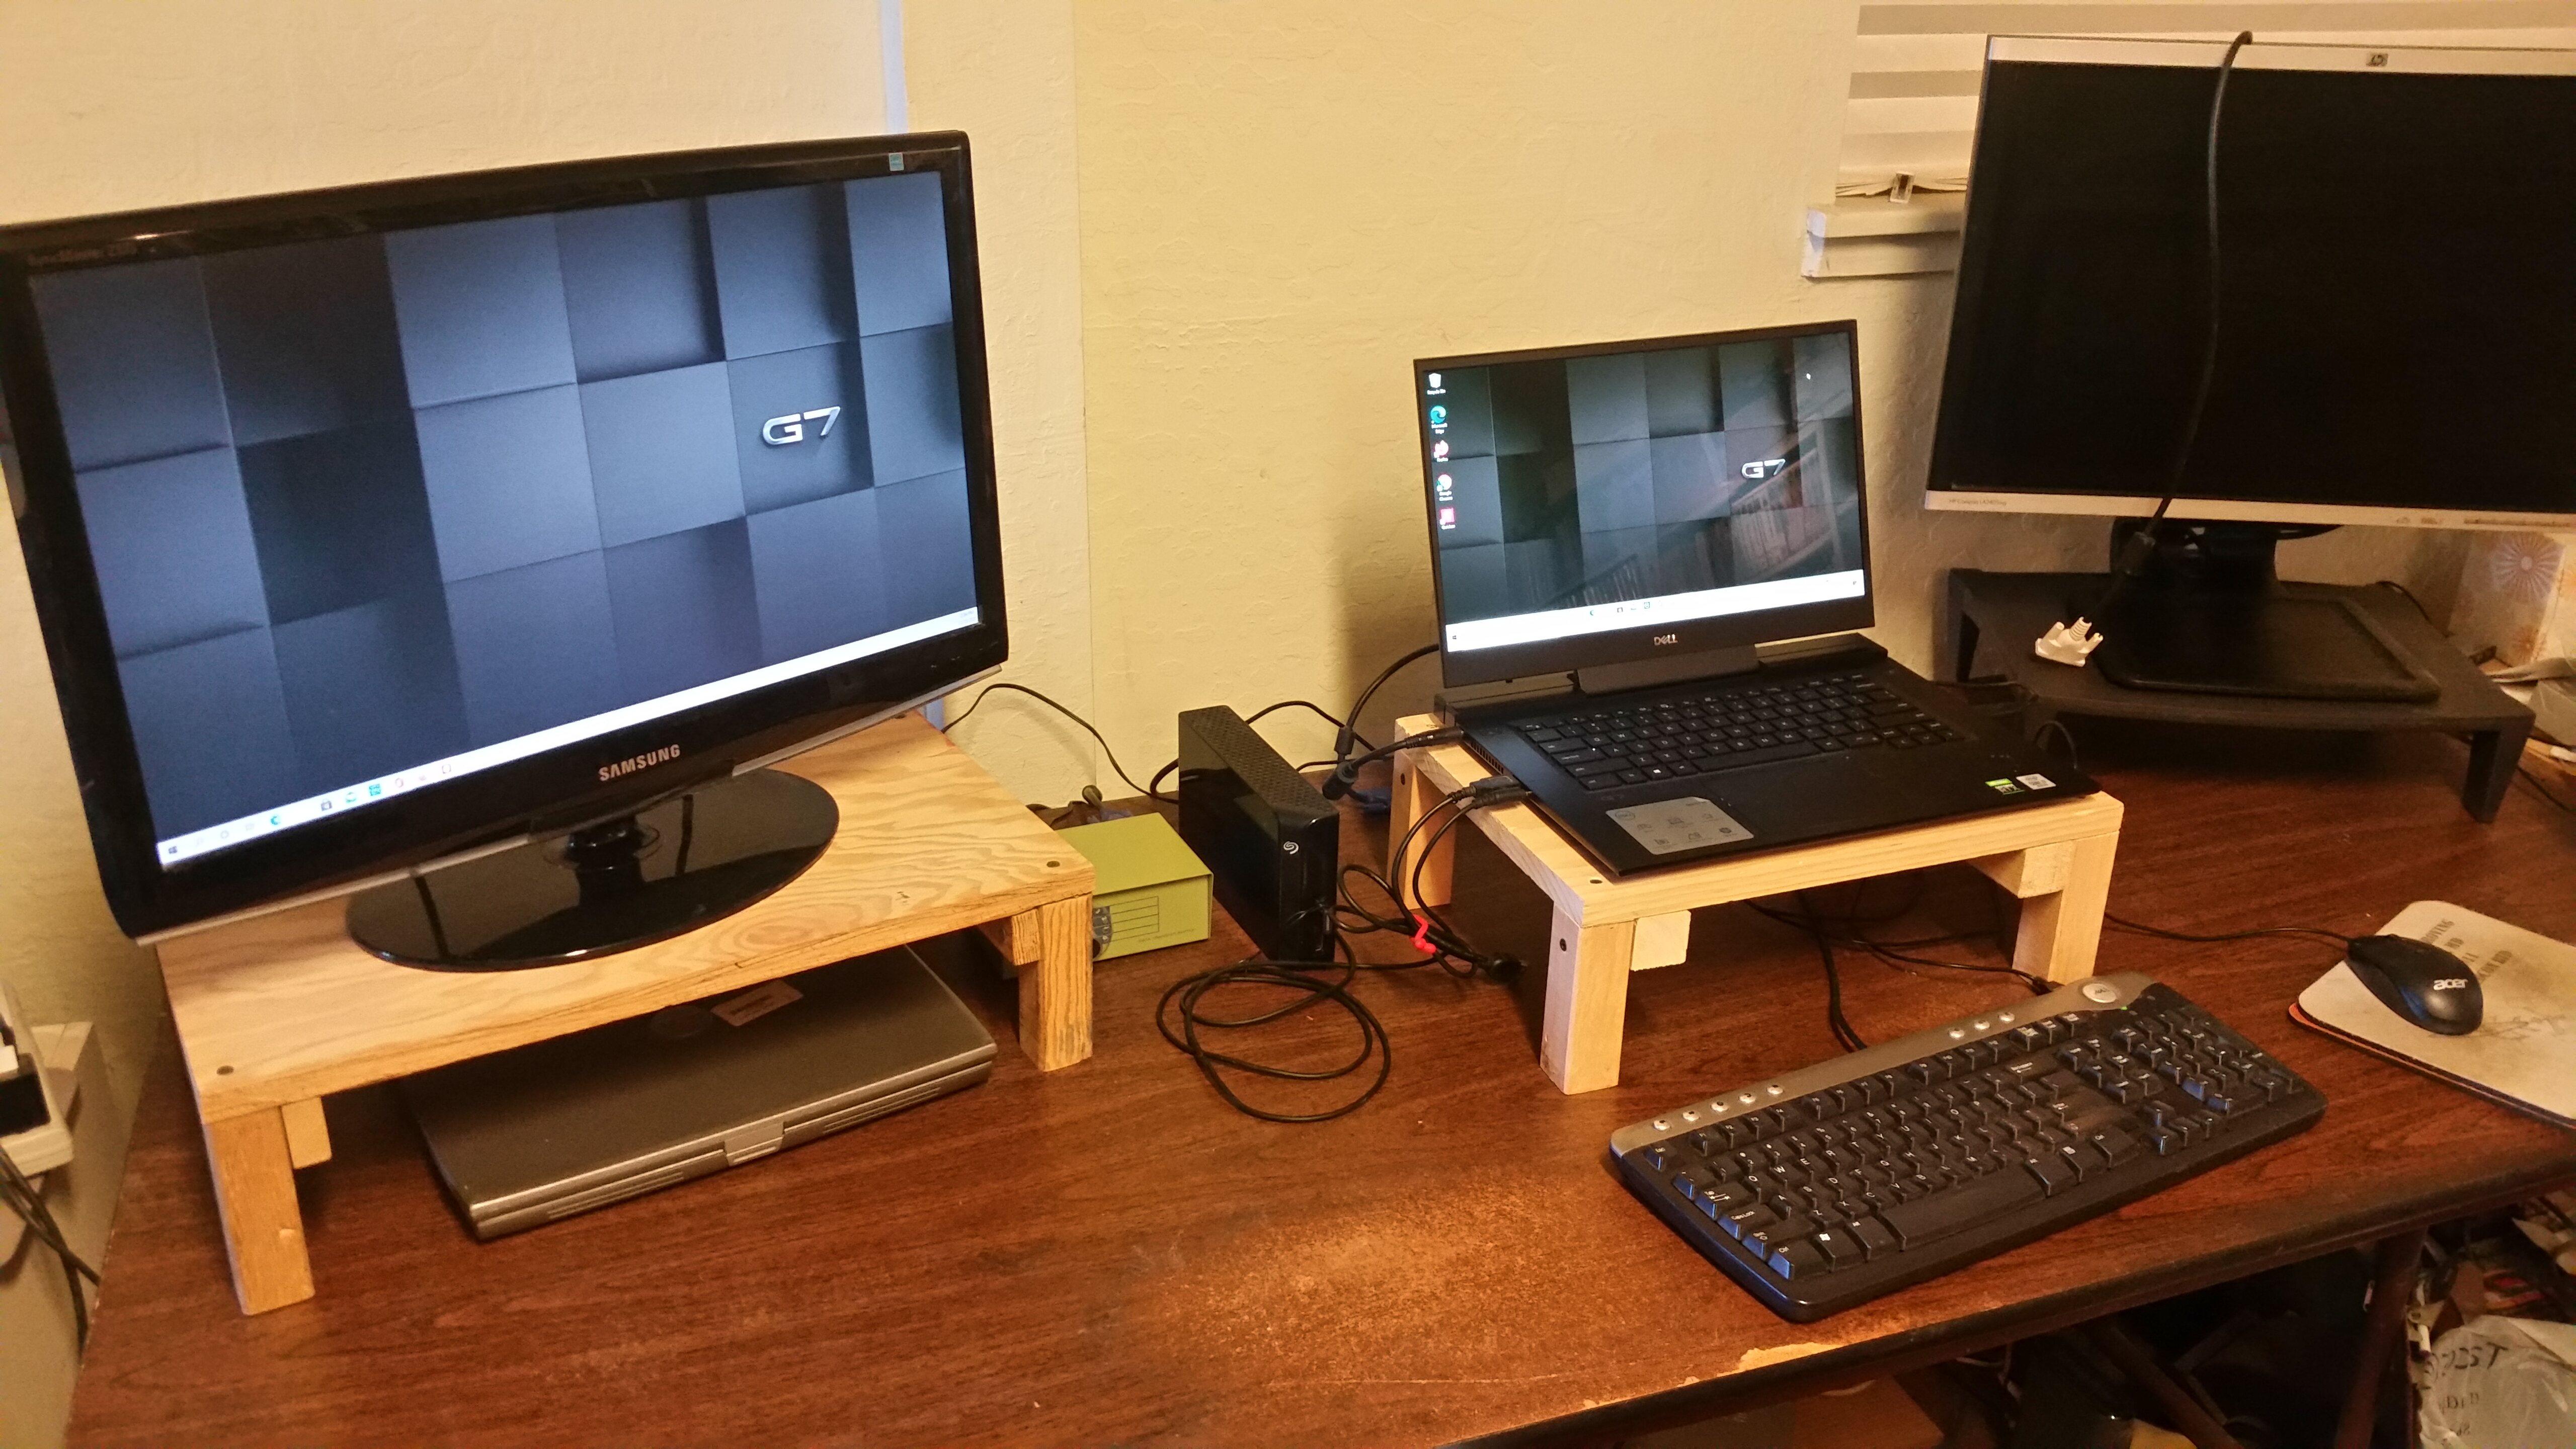 New Workstation Arrangement